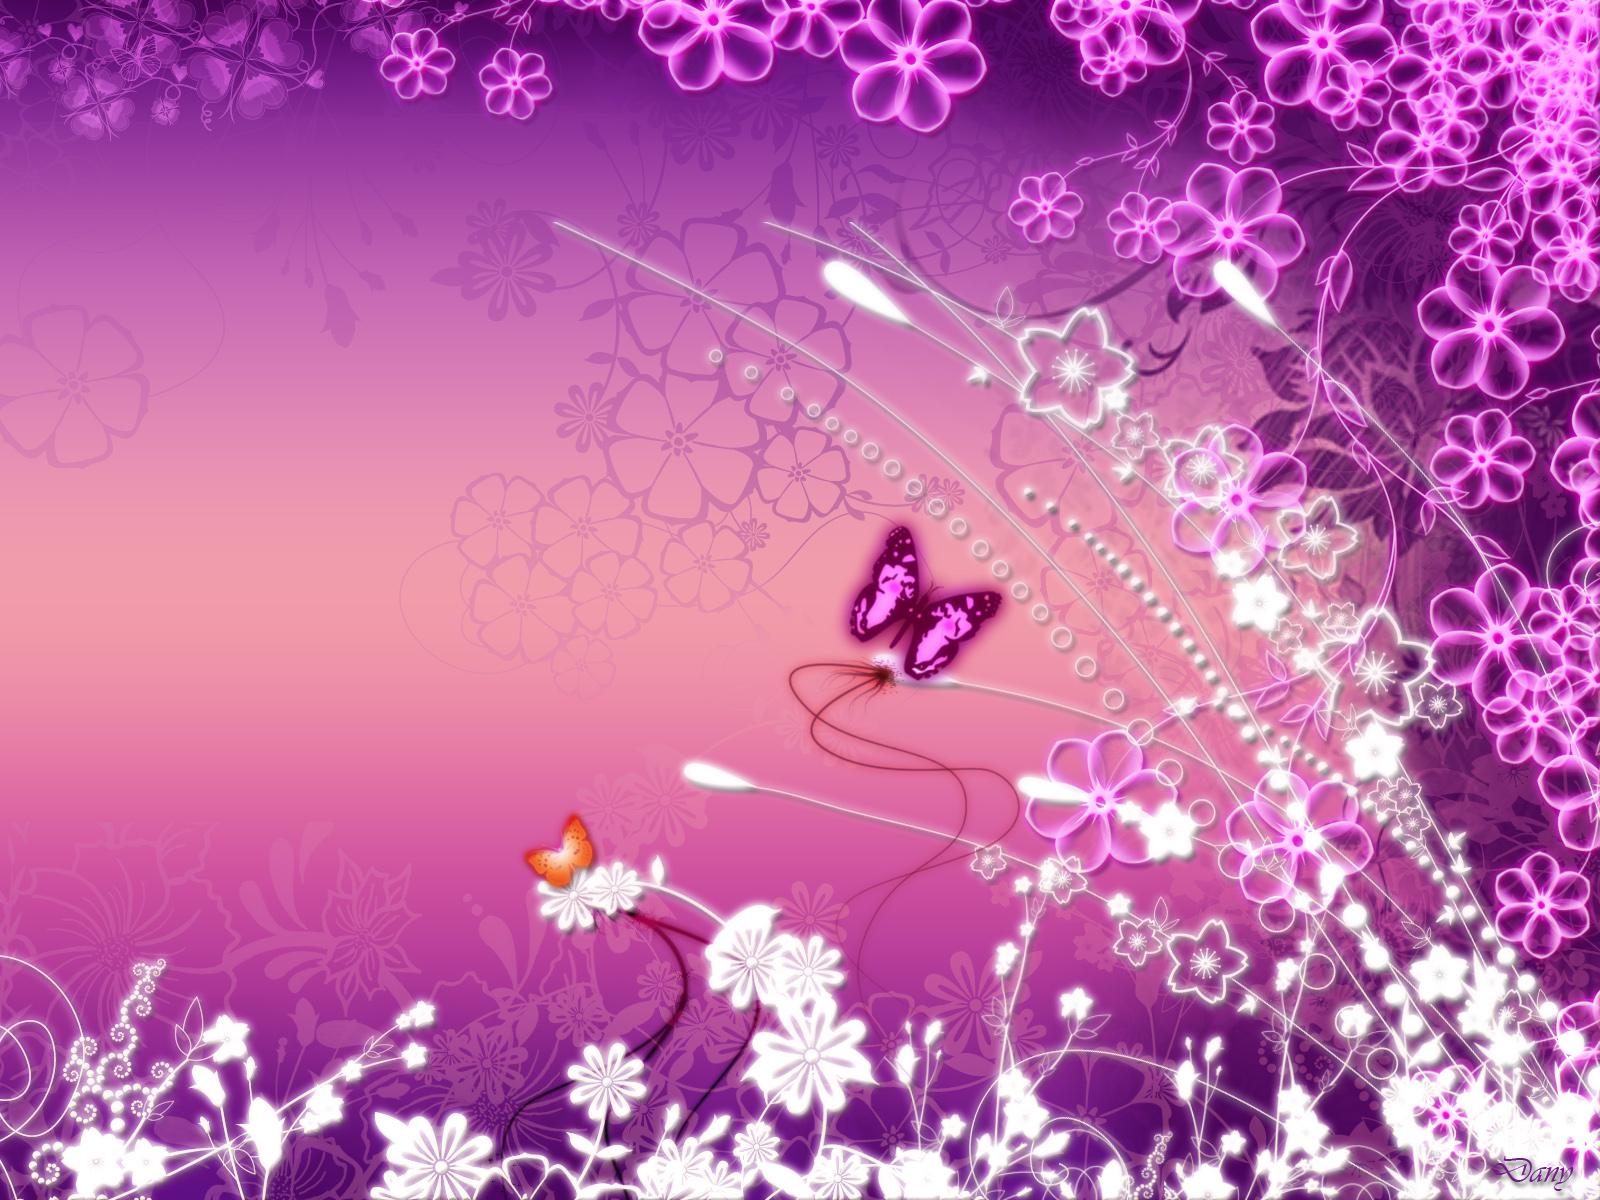 butterfly free wallpaper pink butterfly wallpaper